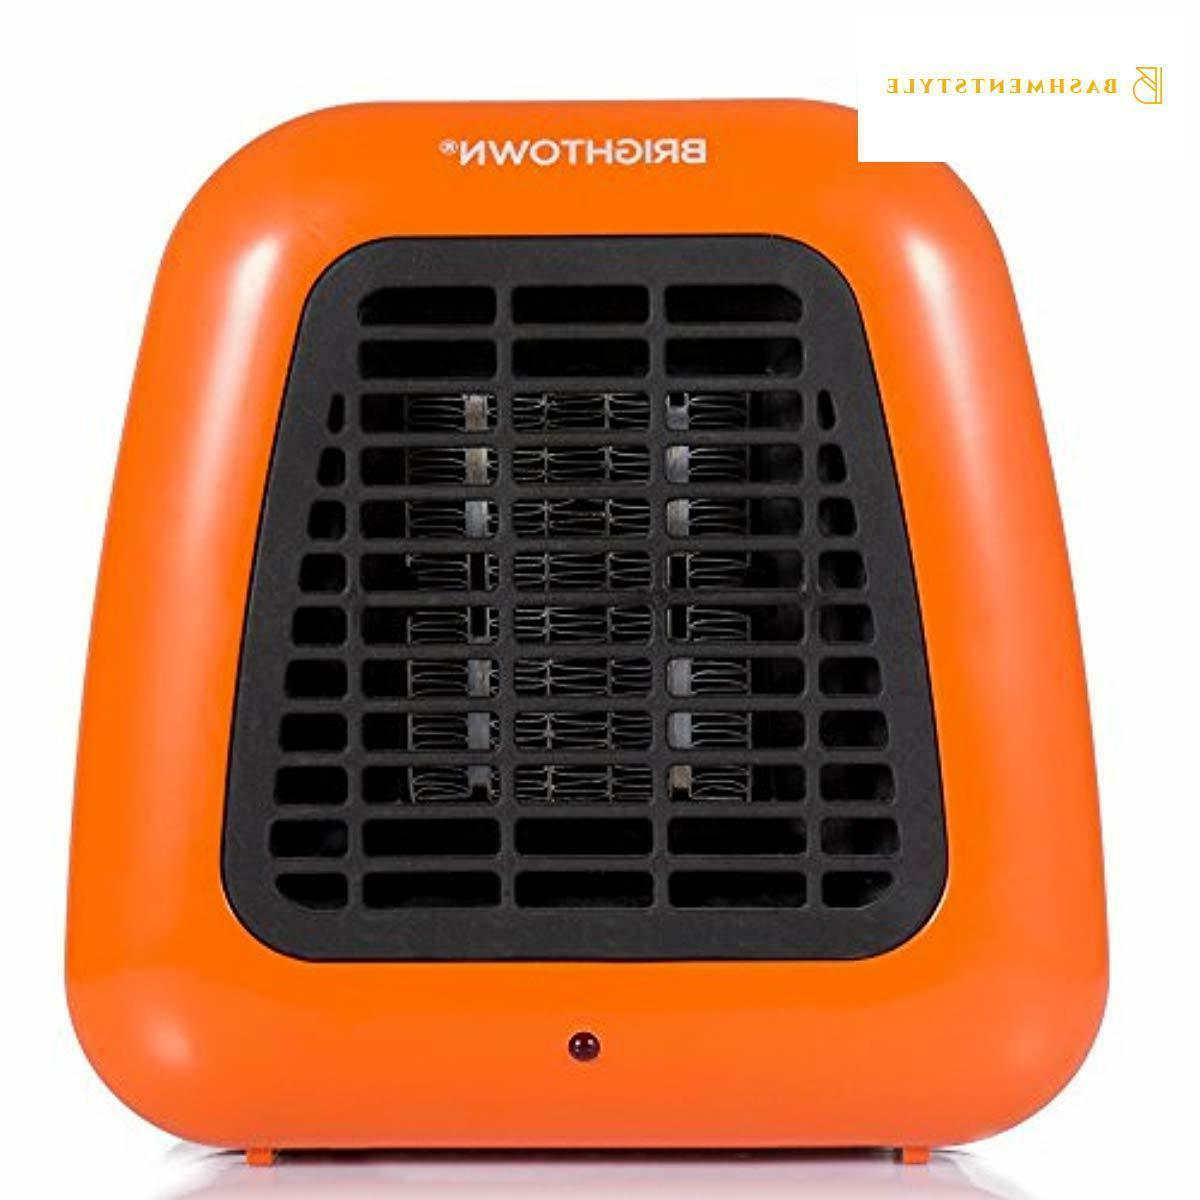 400-Watt Ceramic Heater for Office Desktop T